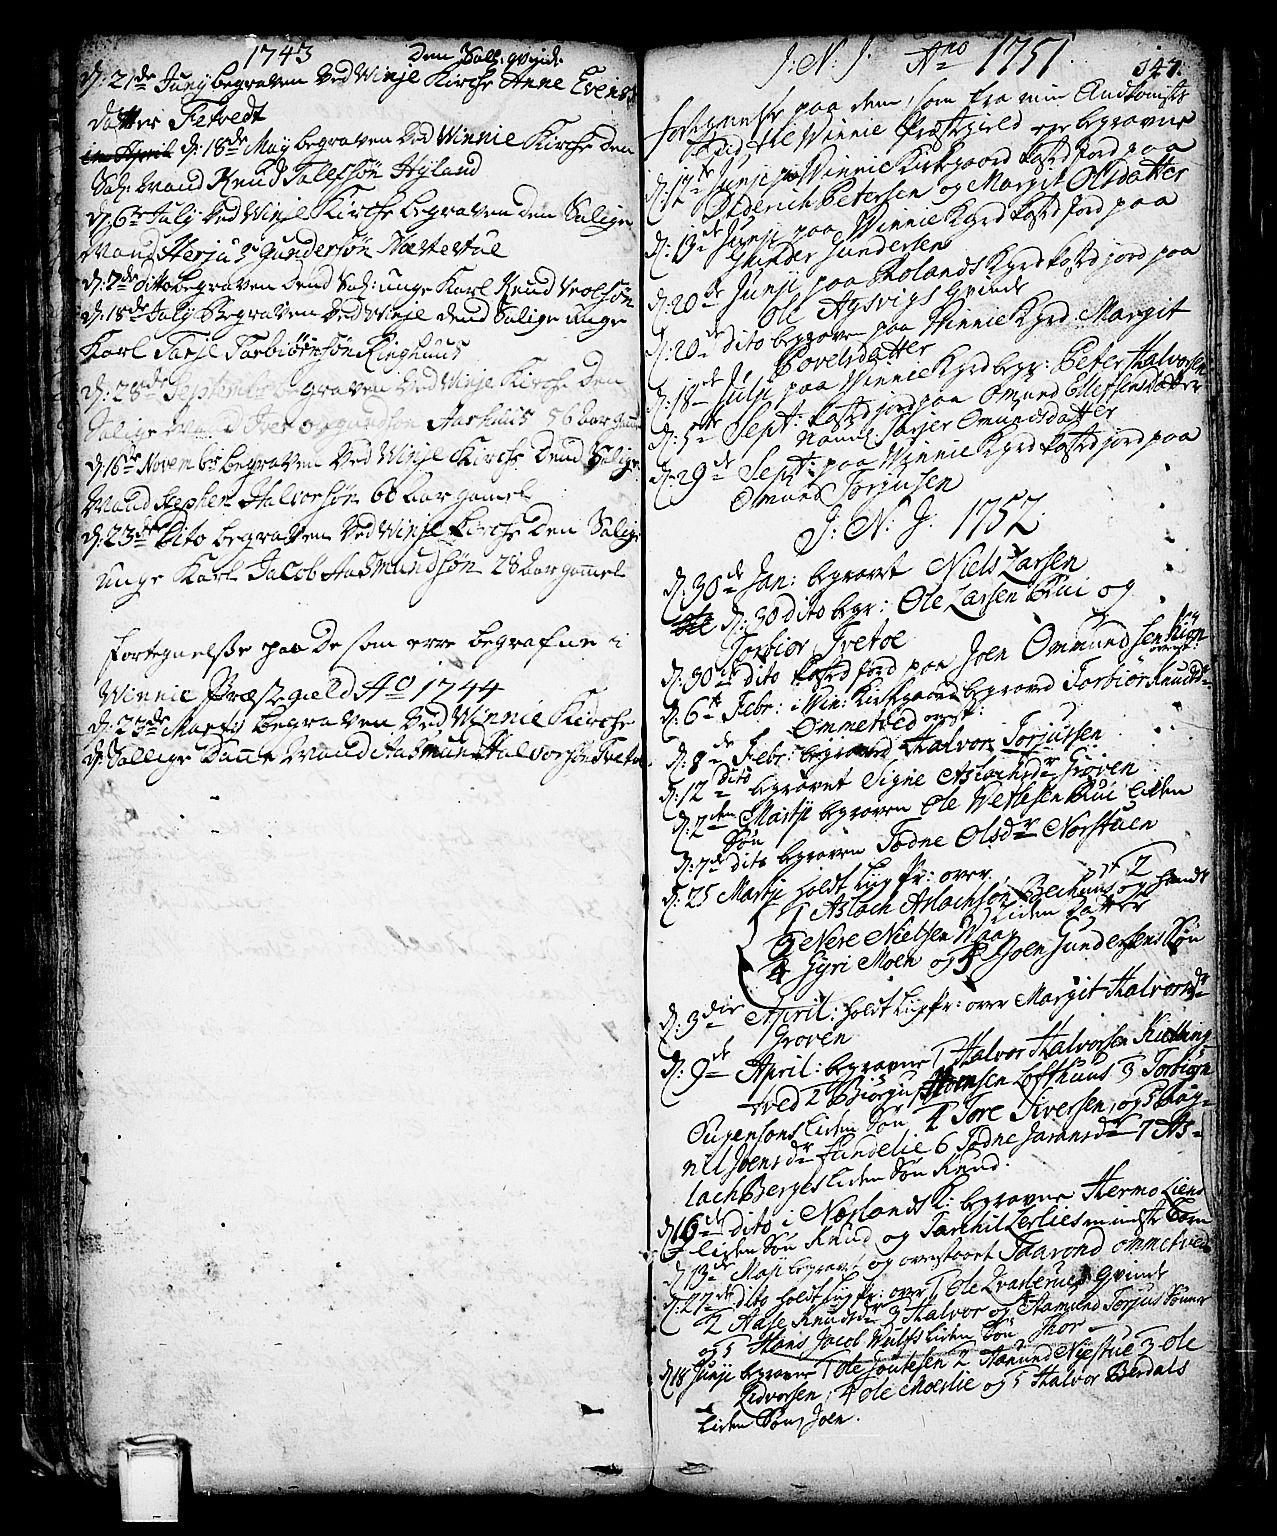 SAKO, Vinje kirkebøker, F/Fa/L0001: Ministerialbok nr. I 1, 1717-1766, s. 147